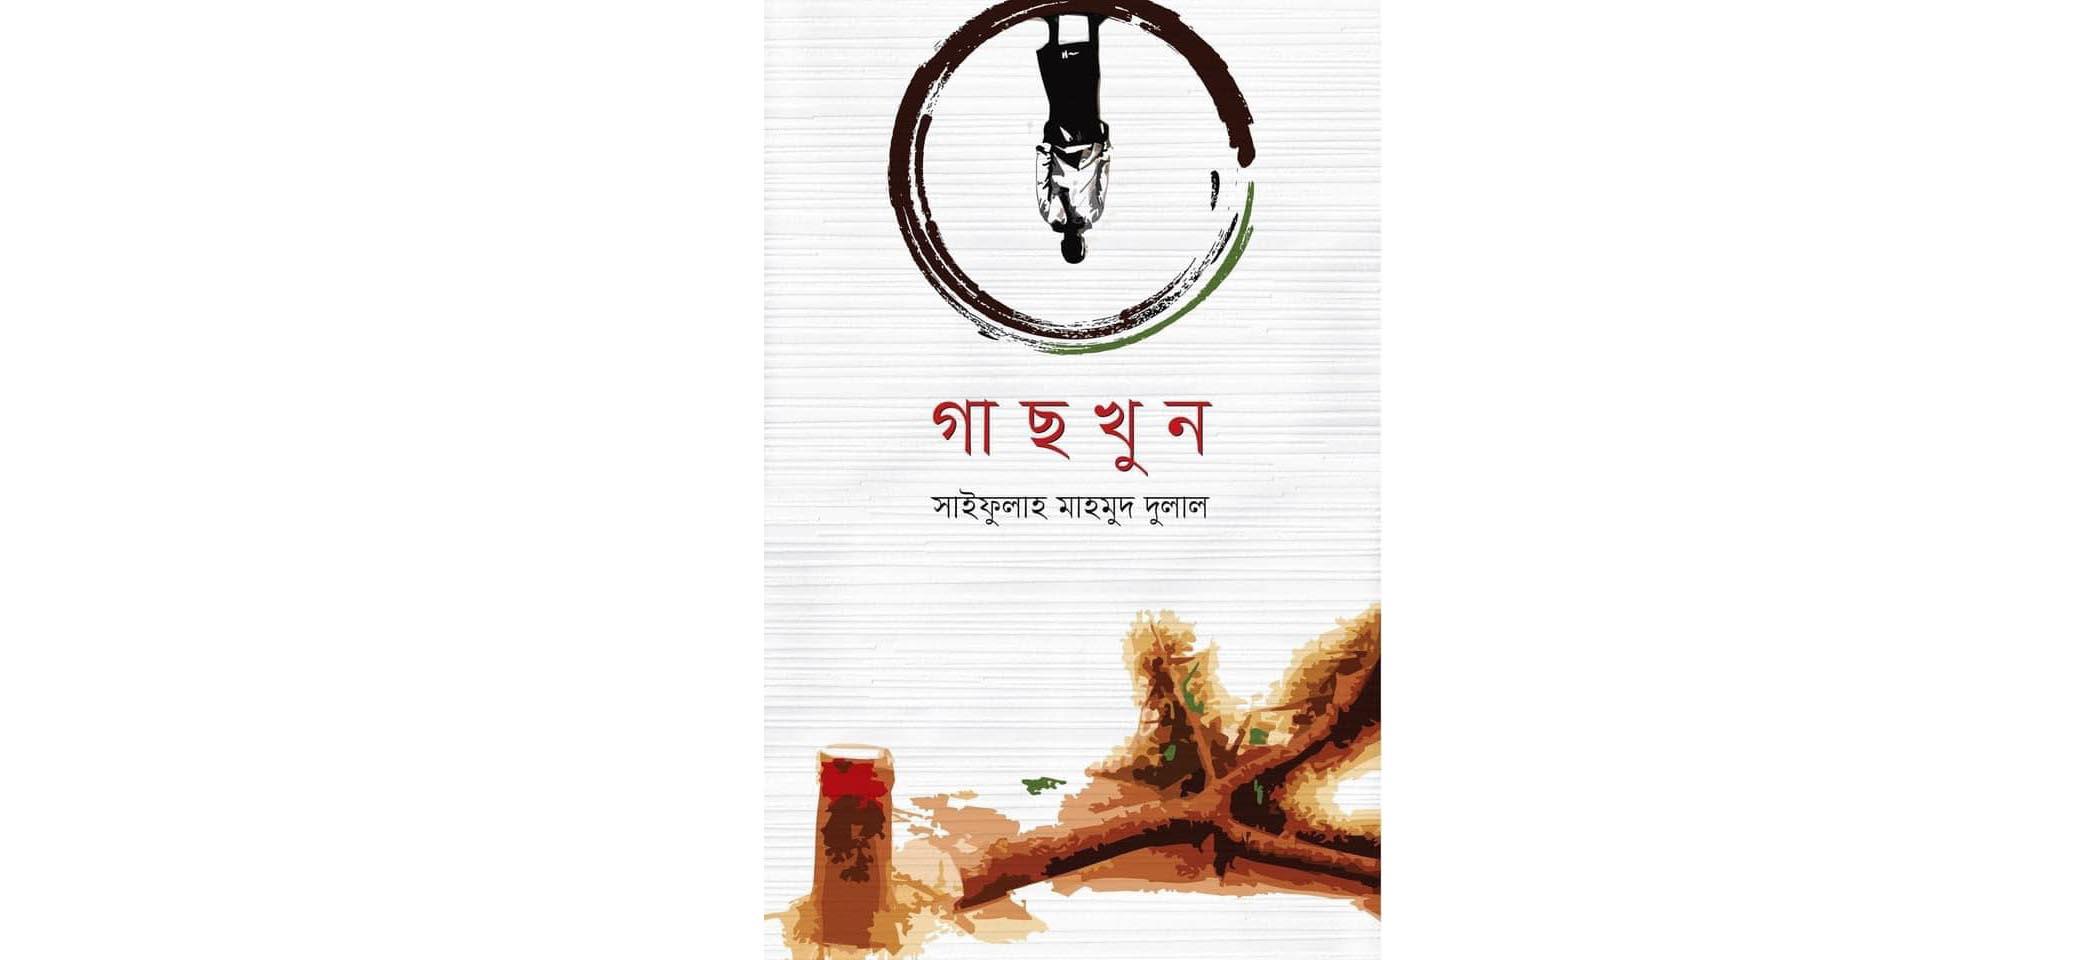 প্রকাশিত হলো সাইফুল্লাহ মাহমুদ দুলাল-এর কিশোর উপন্যাস 'গাছখুন'